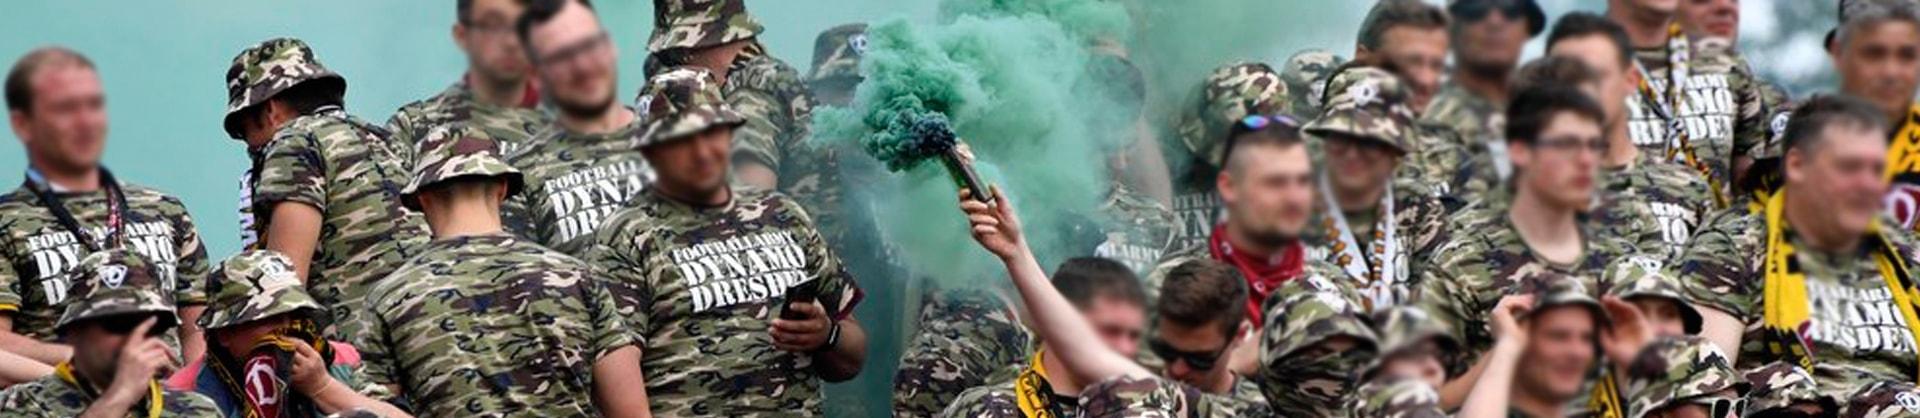 Krieg dem DFB-Marsch in Karlsruhe: Dynamo Dresden erklärt dem DFB den Krieg